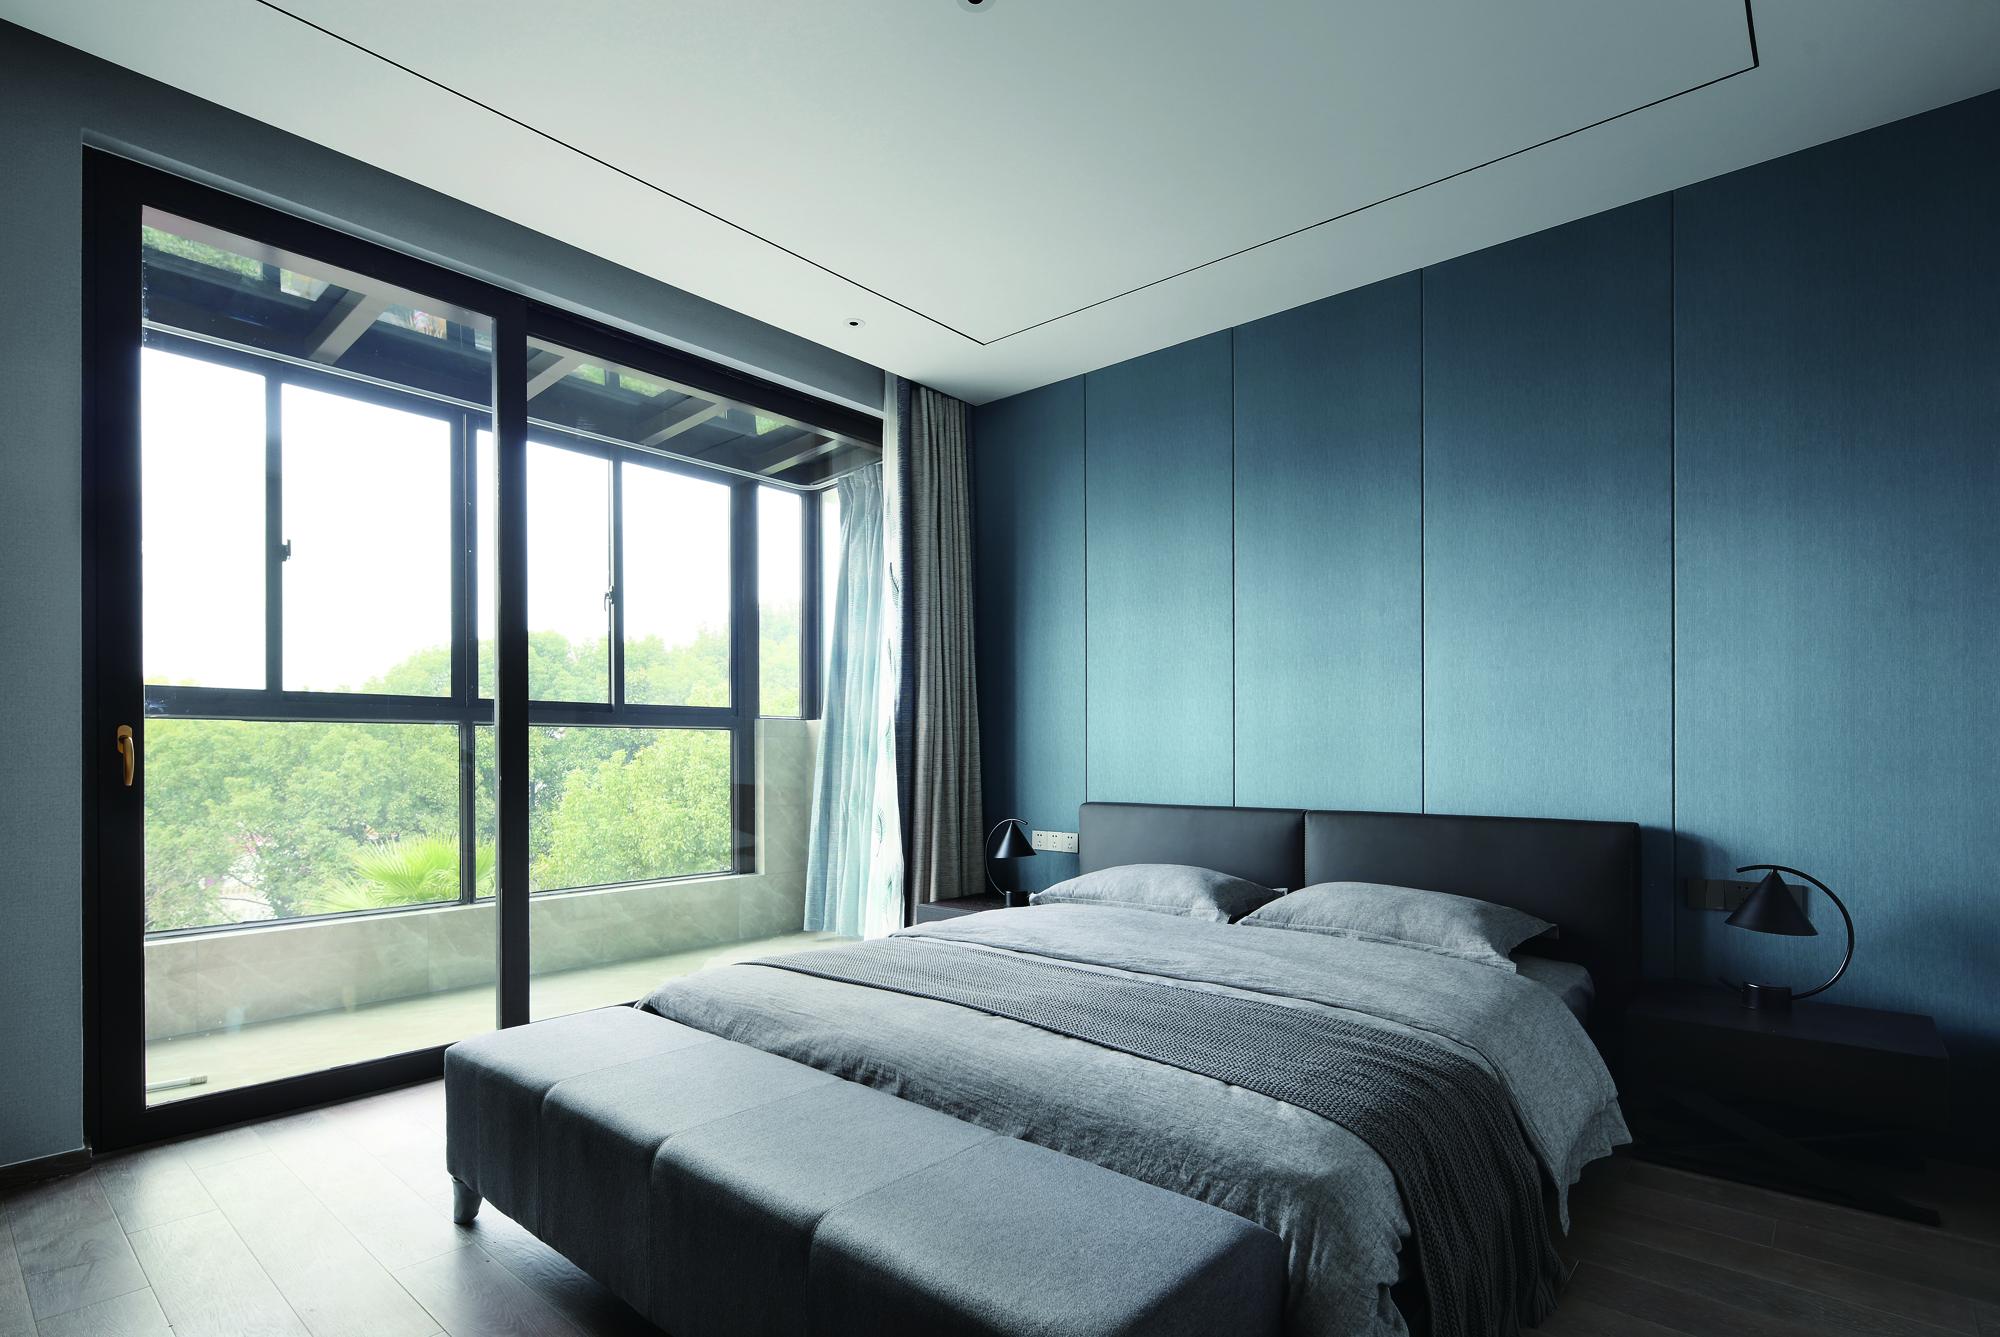 简约 小资 卧室图片来自沈院在梦中的因特拉肯的分享